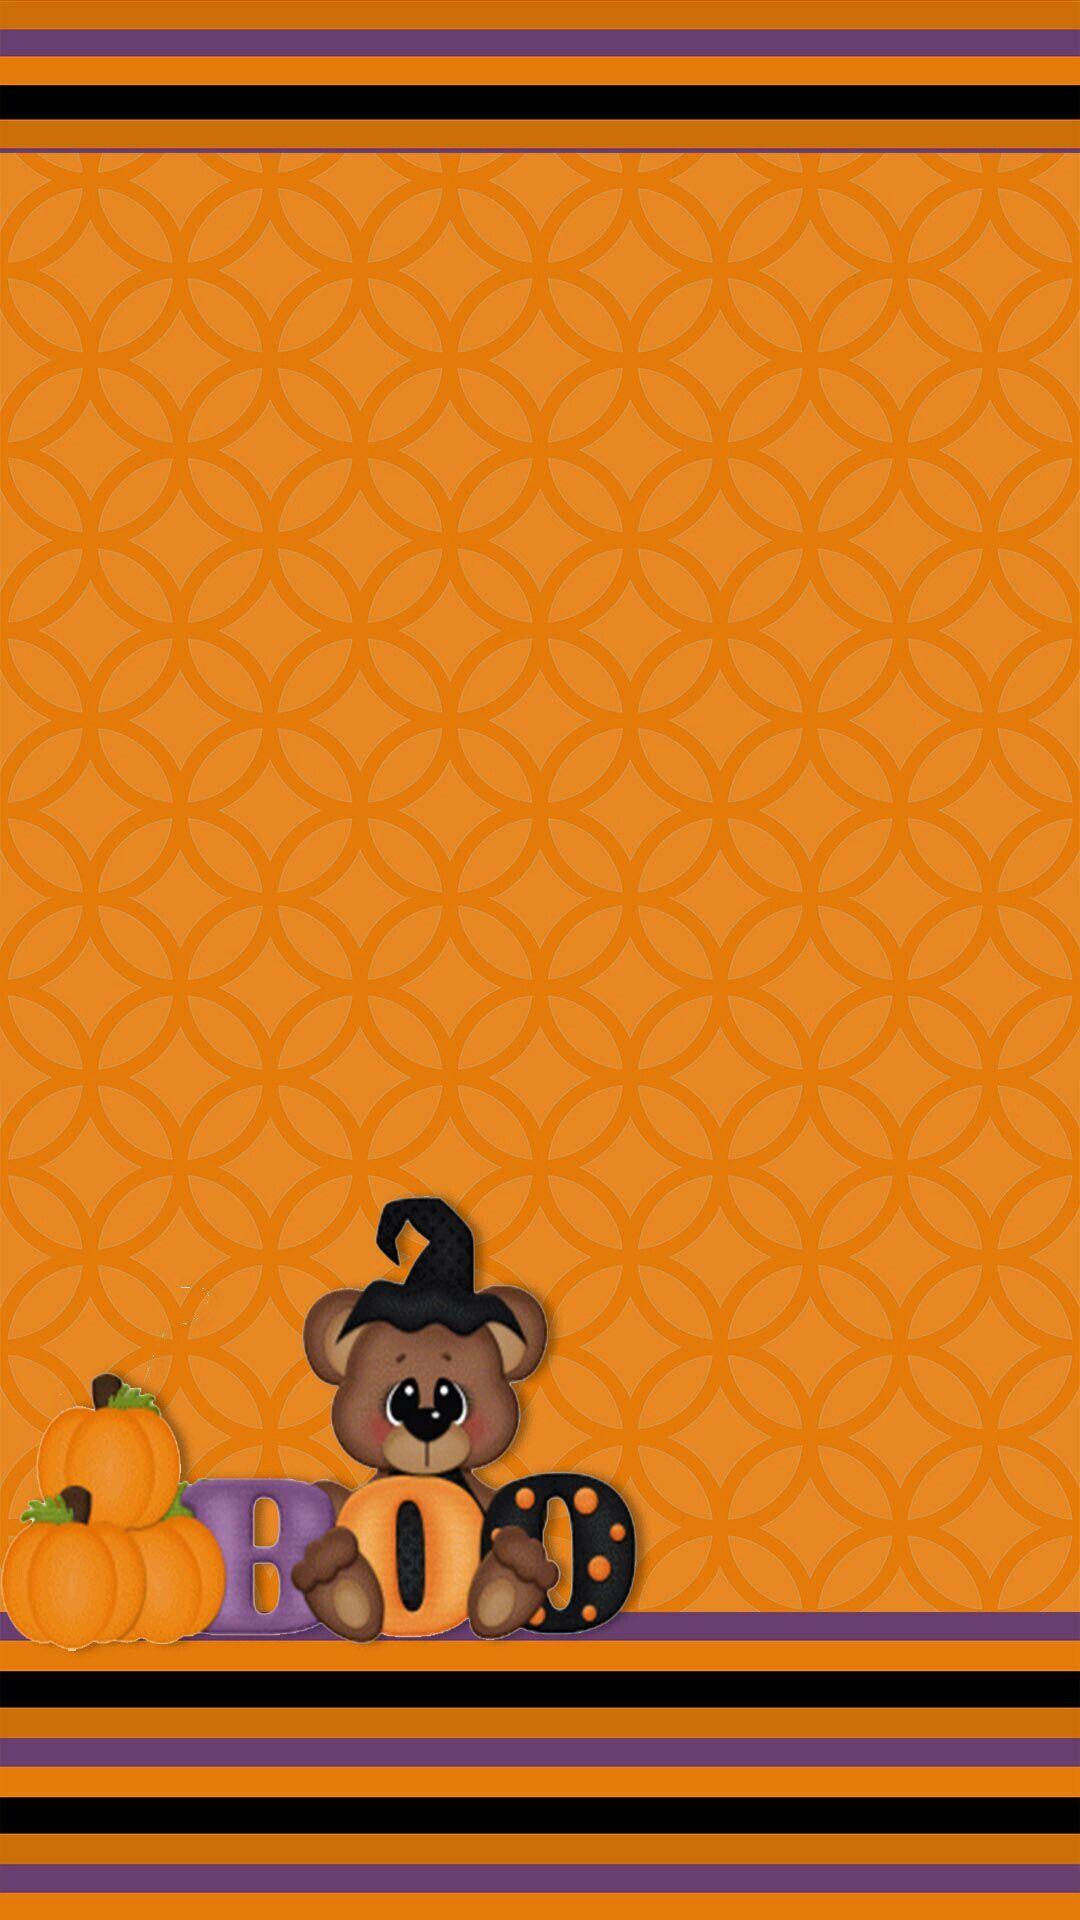 W Phone Halloween Wallpaper Iphone Halloween Wallpaper Snoopy Halloween